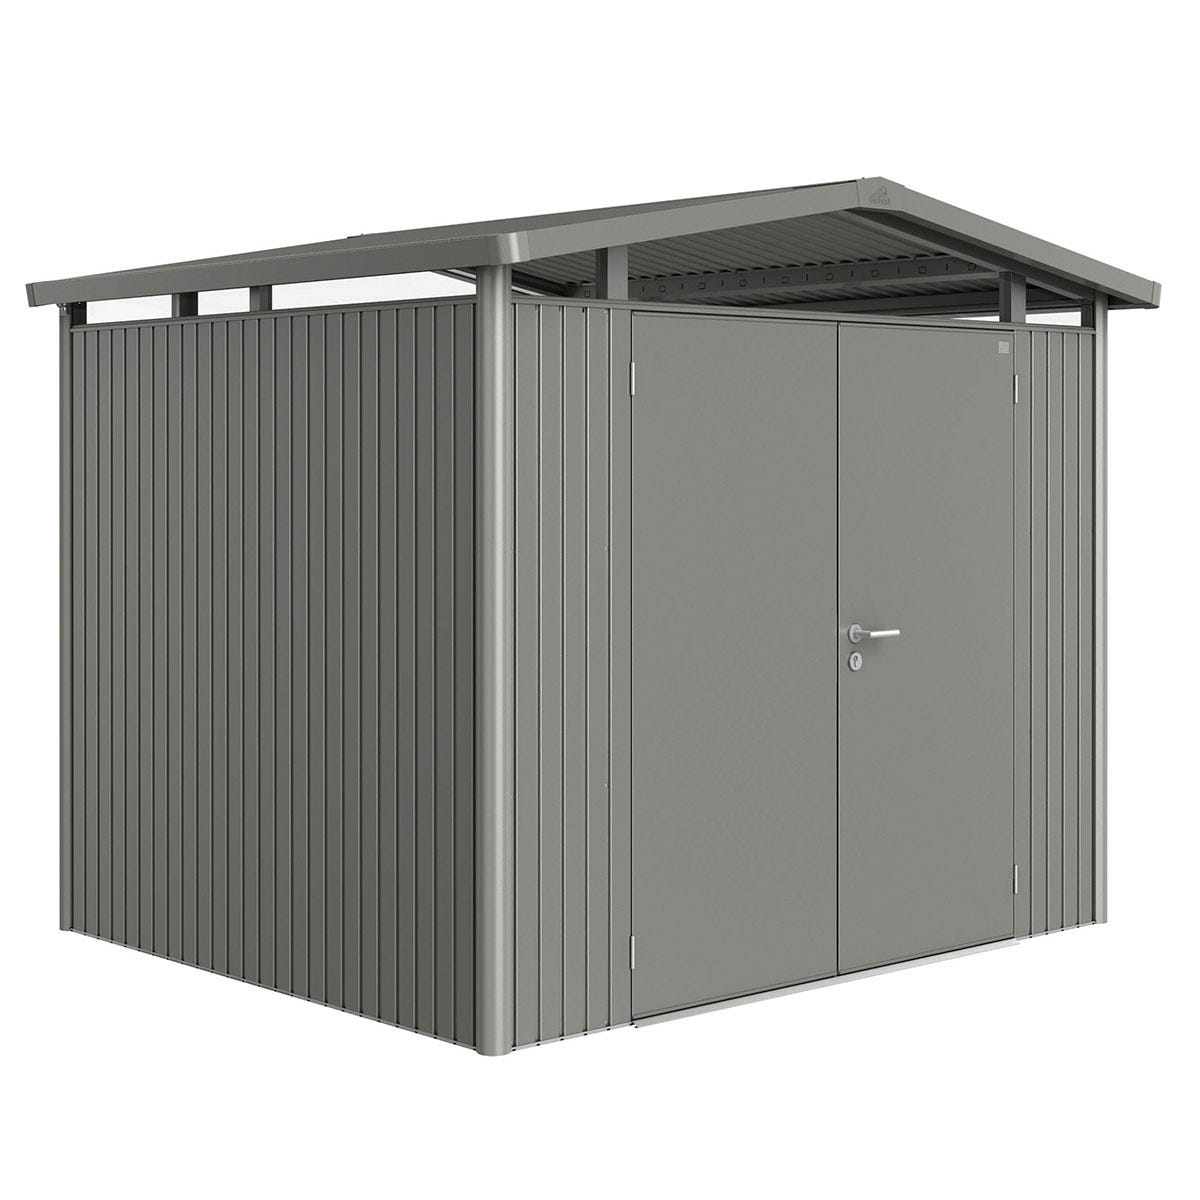 Biohort Panorama Metal Shed P3 Double Door 9' x 7' 8'' - Quartz Grey